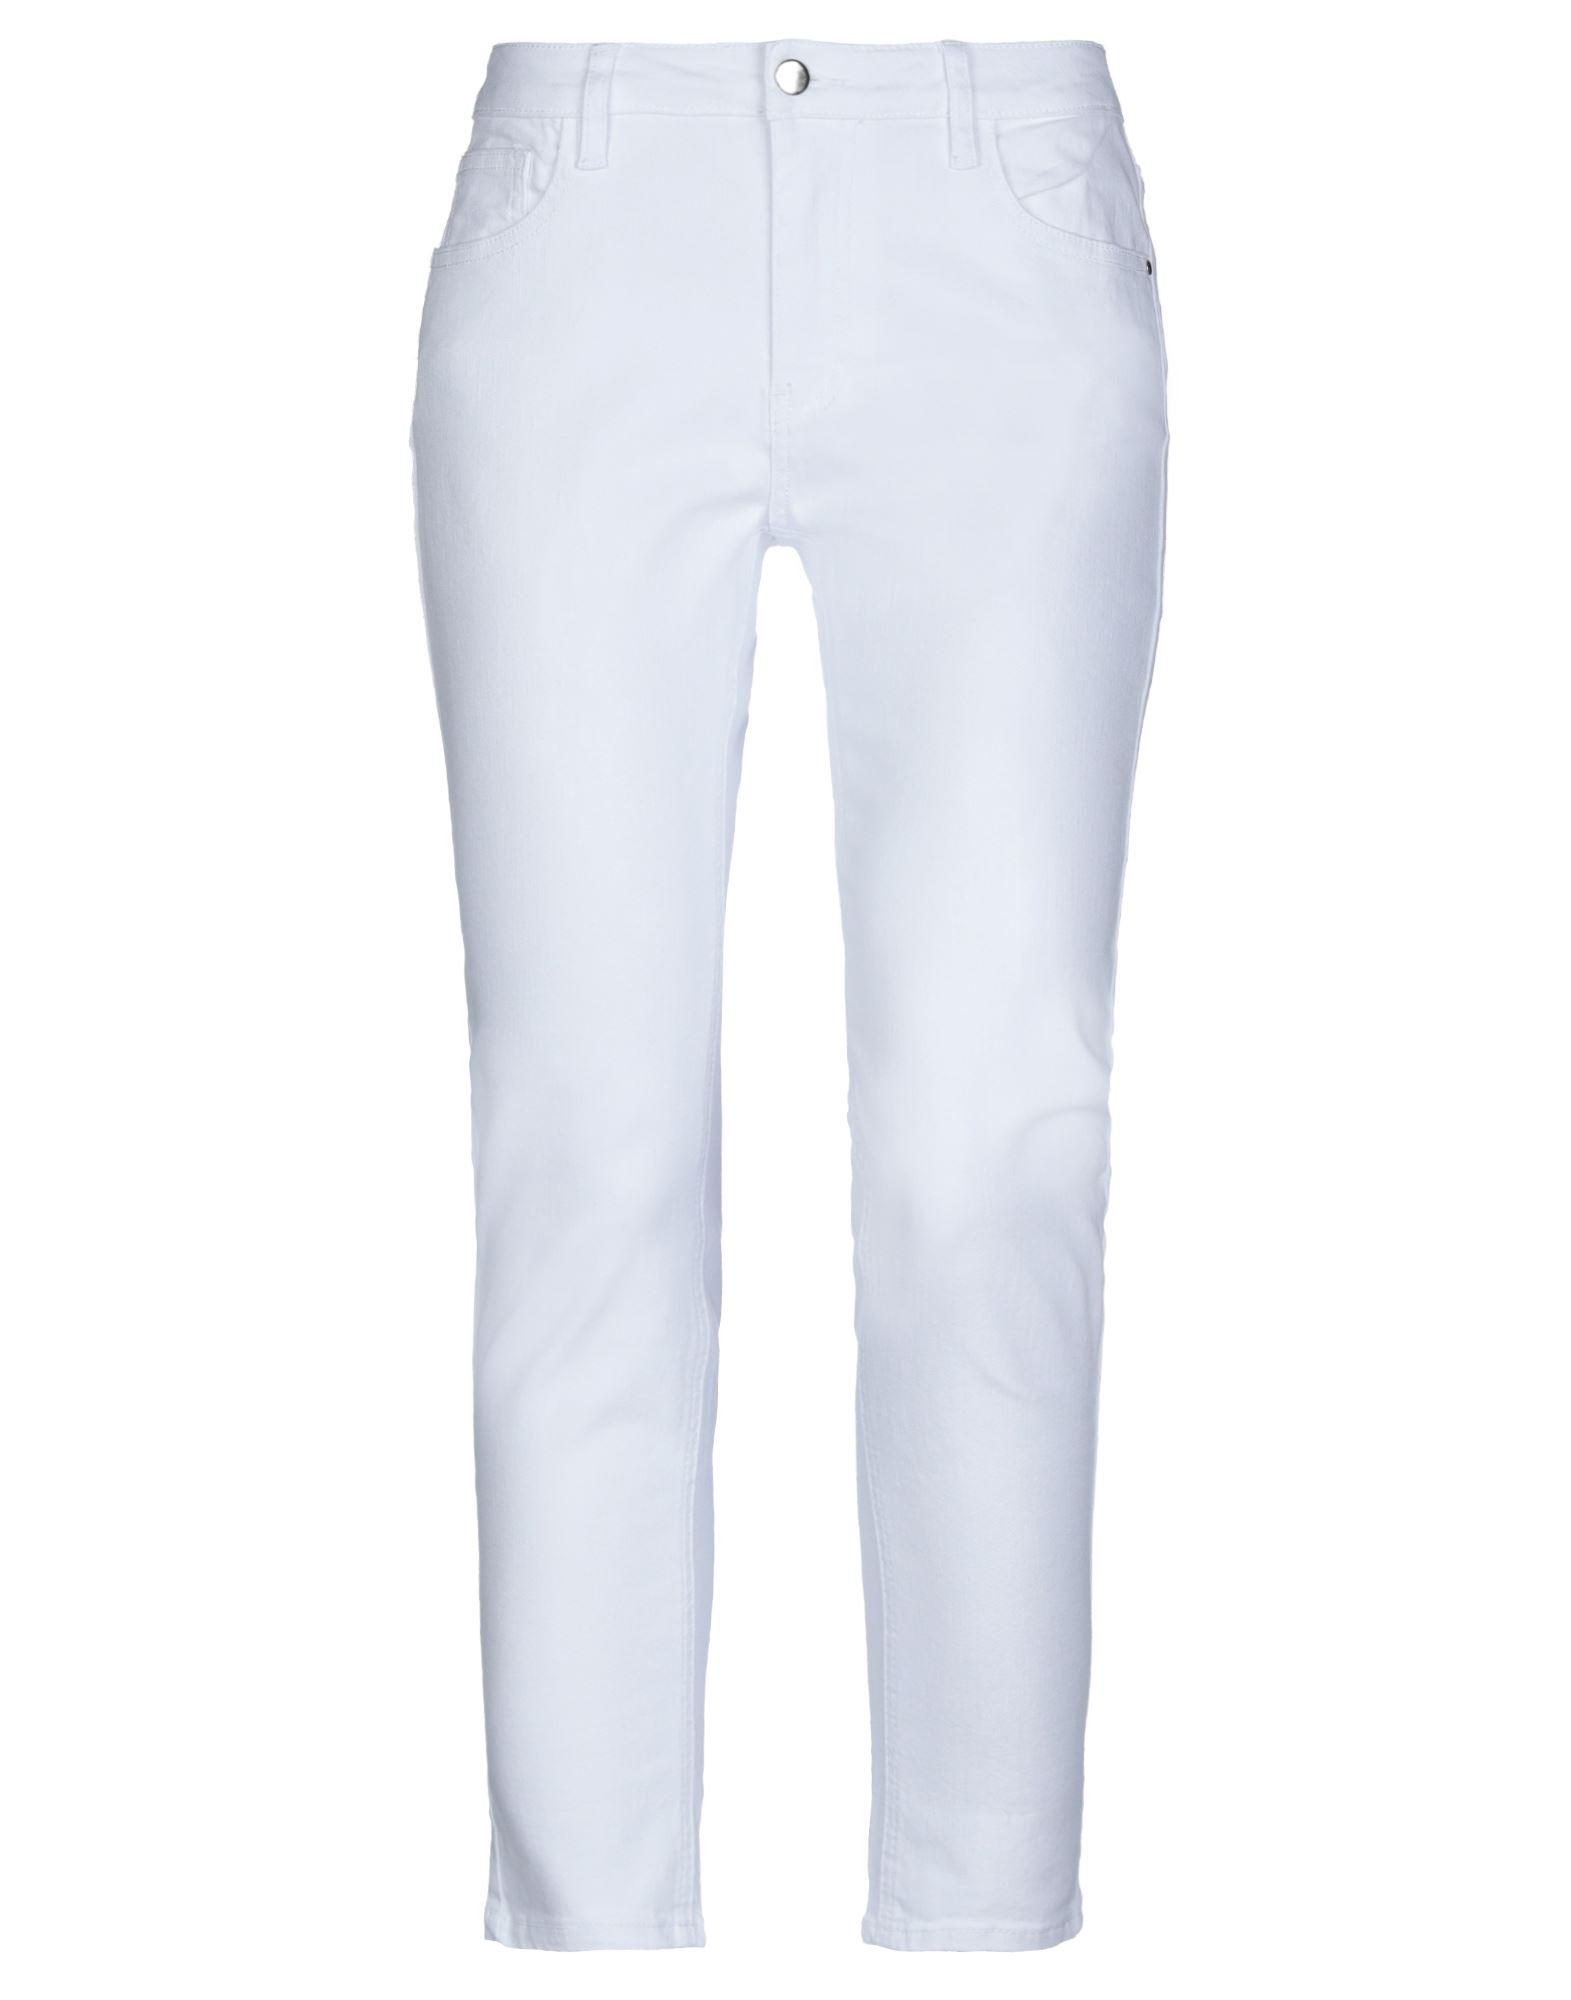 LILI SIDONIO by MOLLY BRACKEN Джинсовые брюки